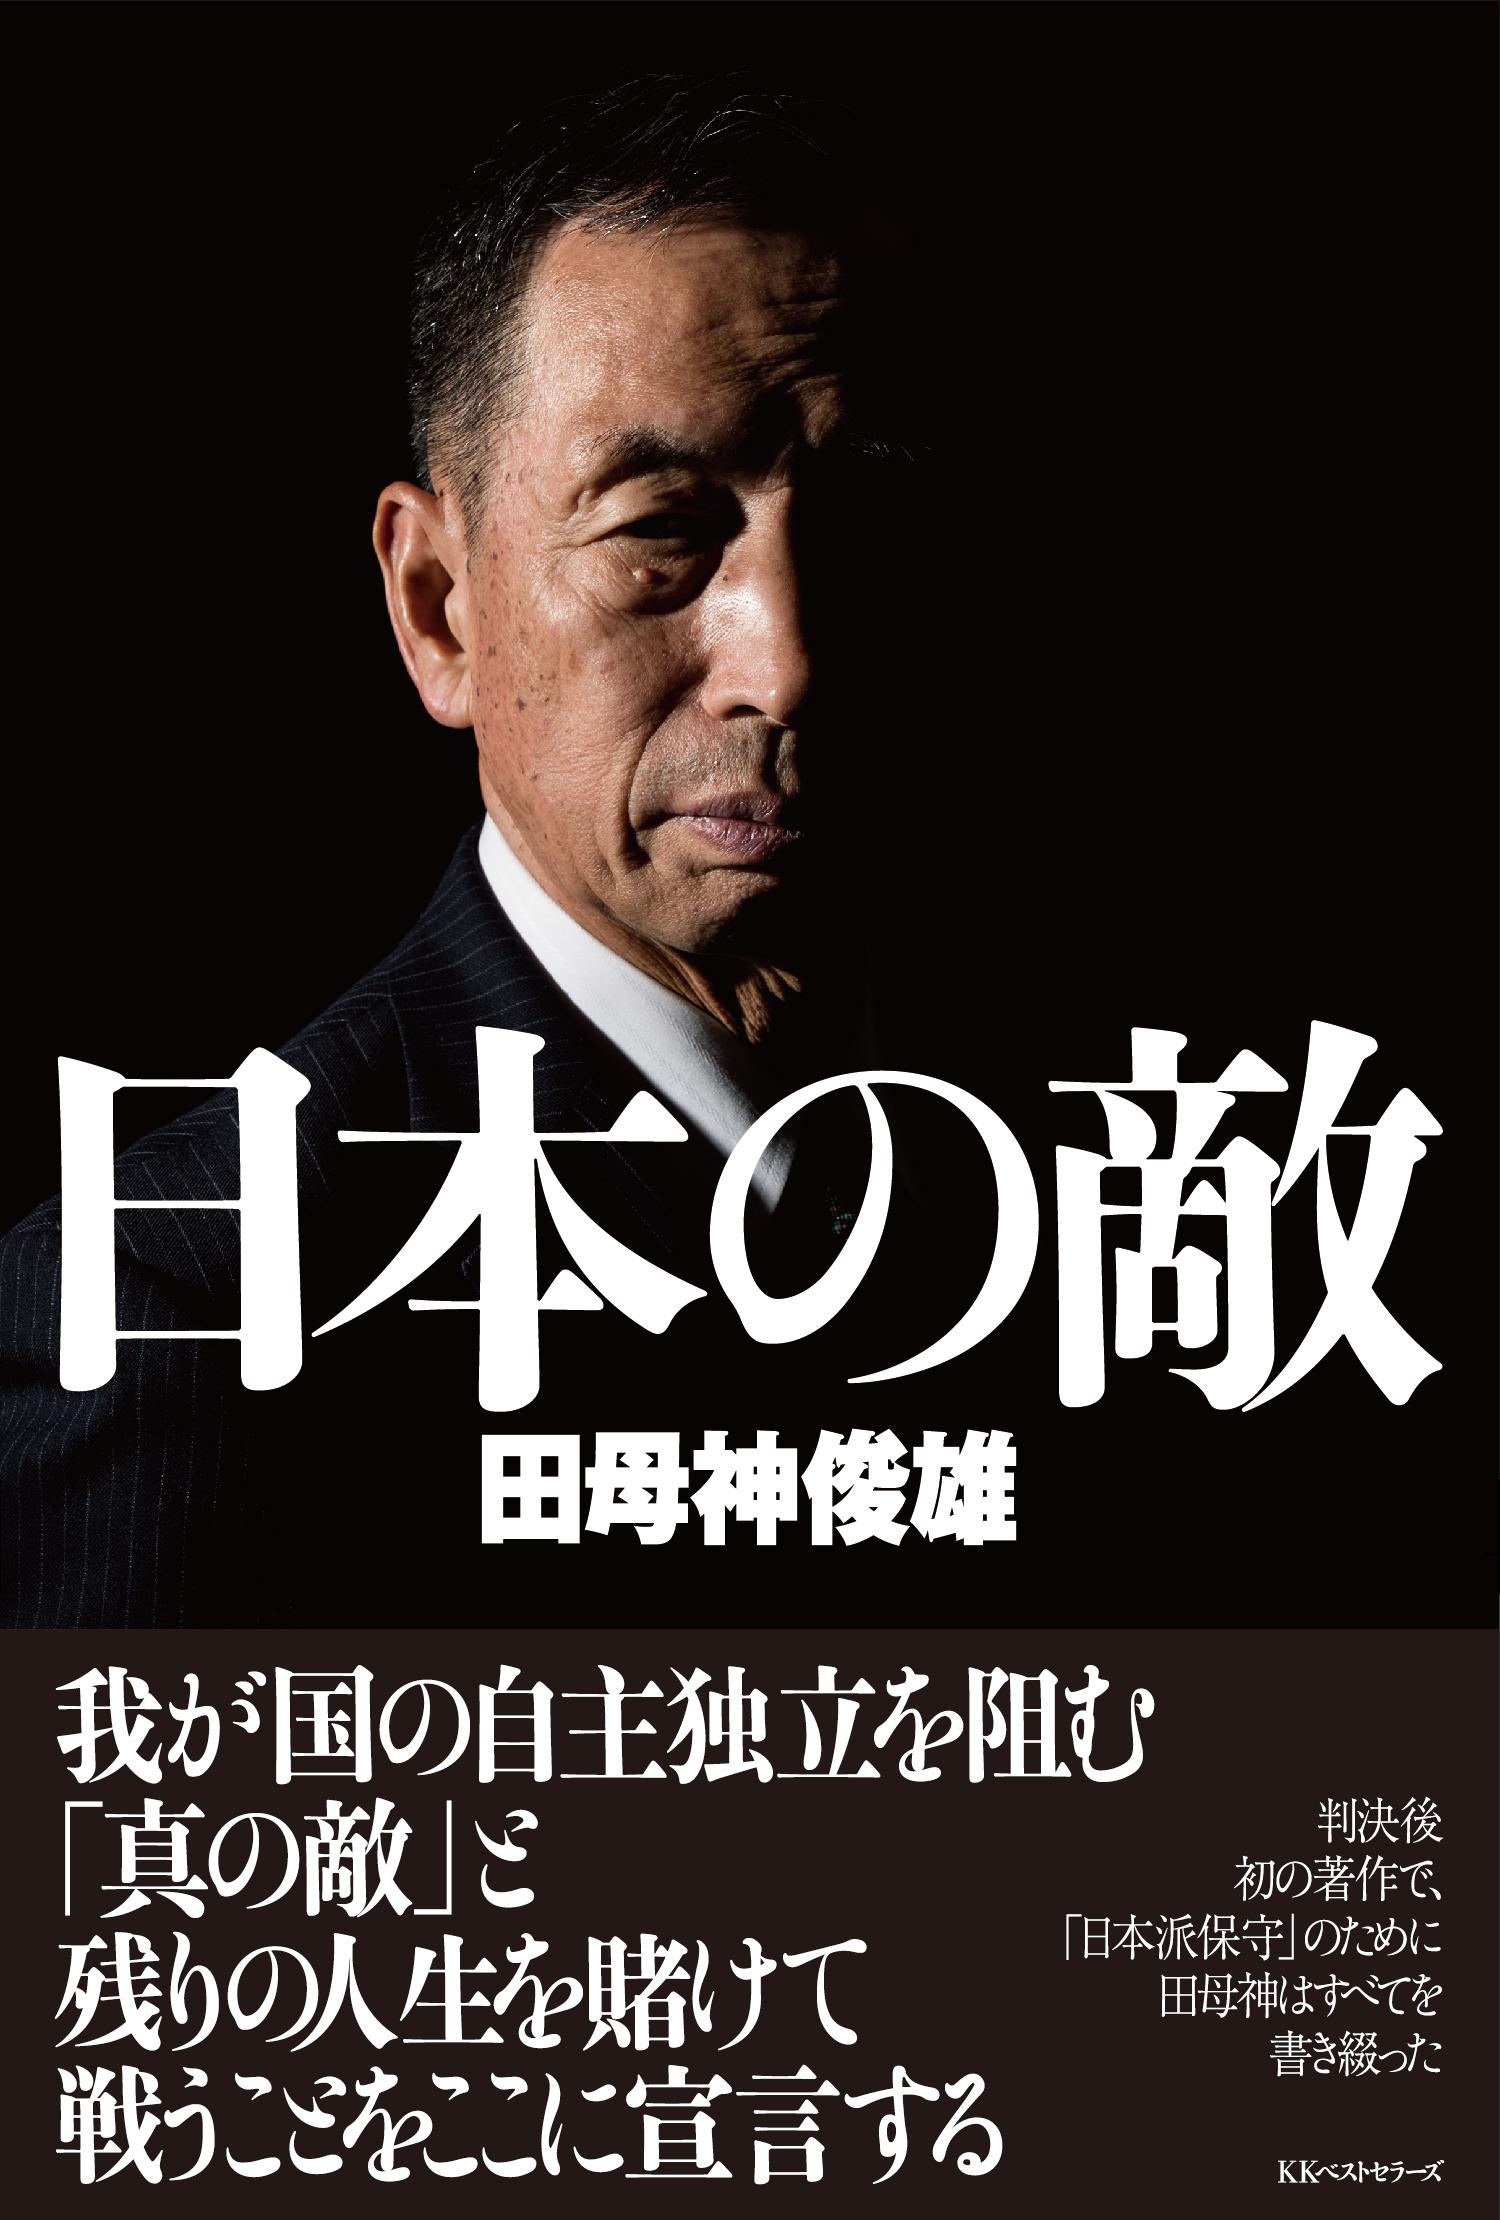 日本国民を殺す「本当の敵」と<br />向き合うべき時が来た